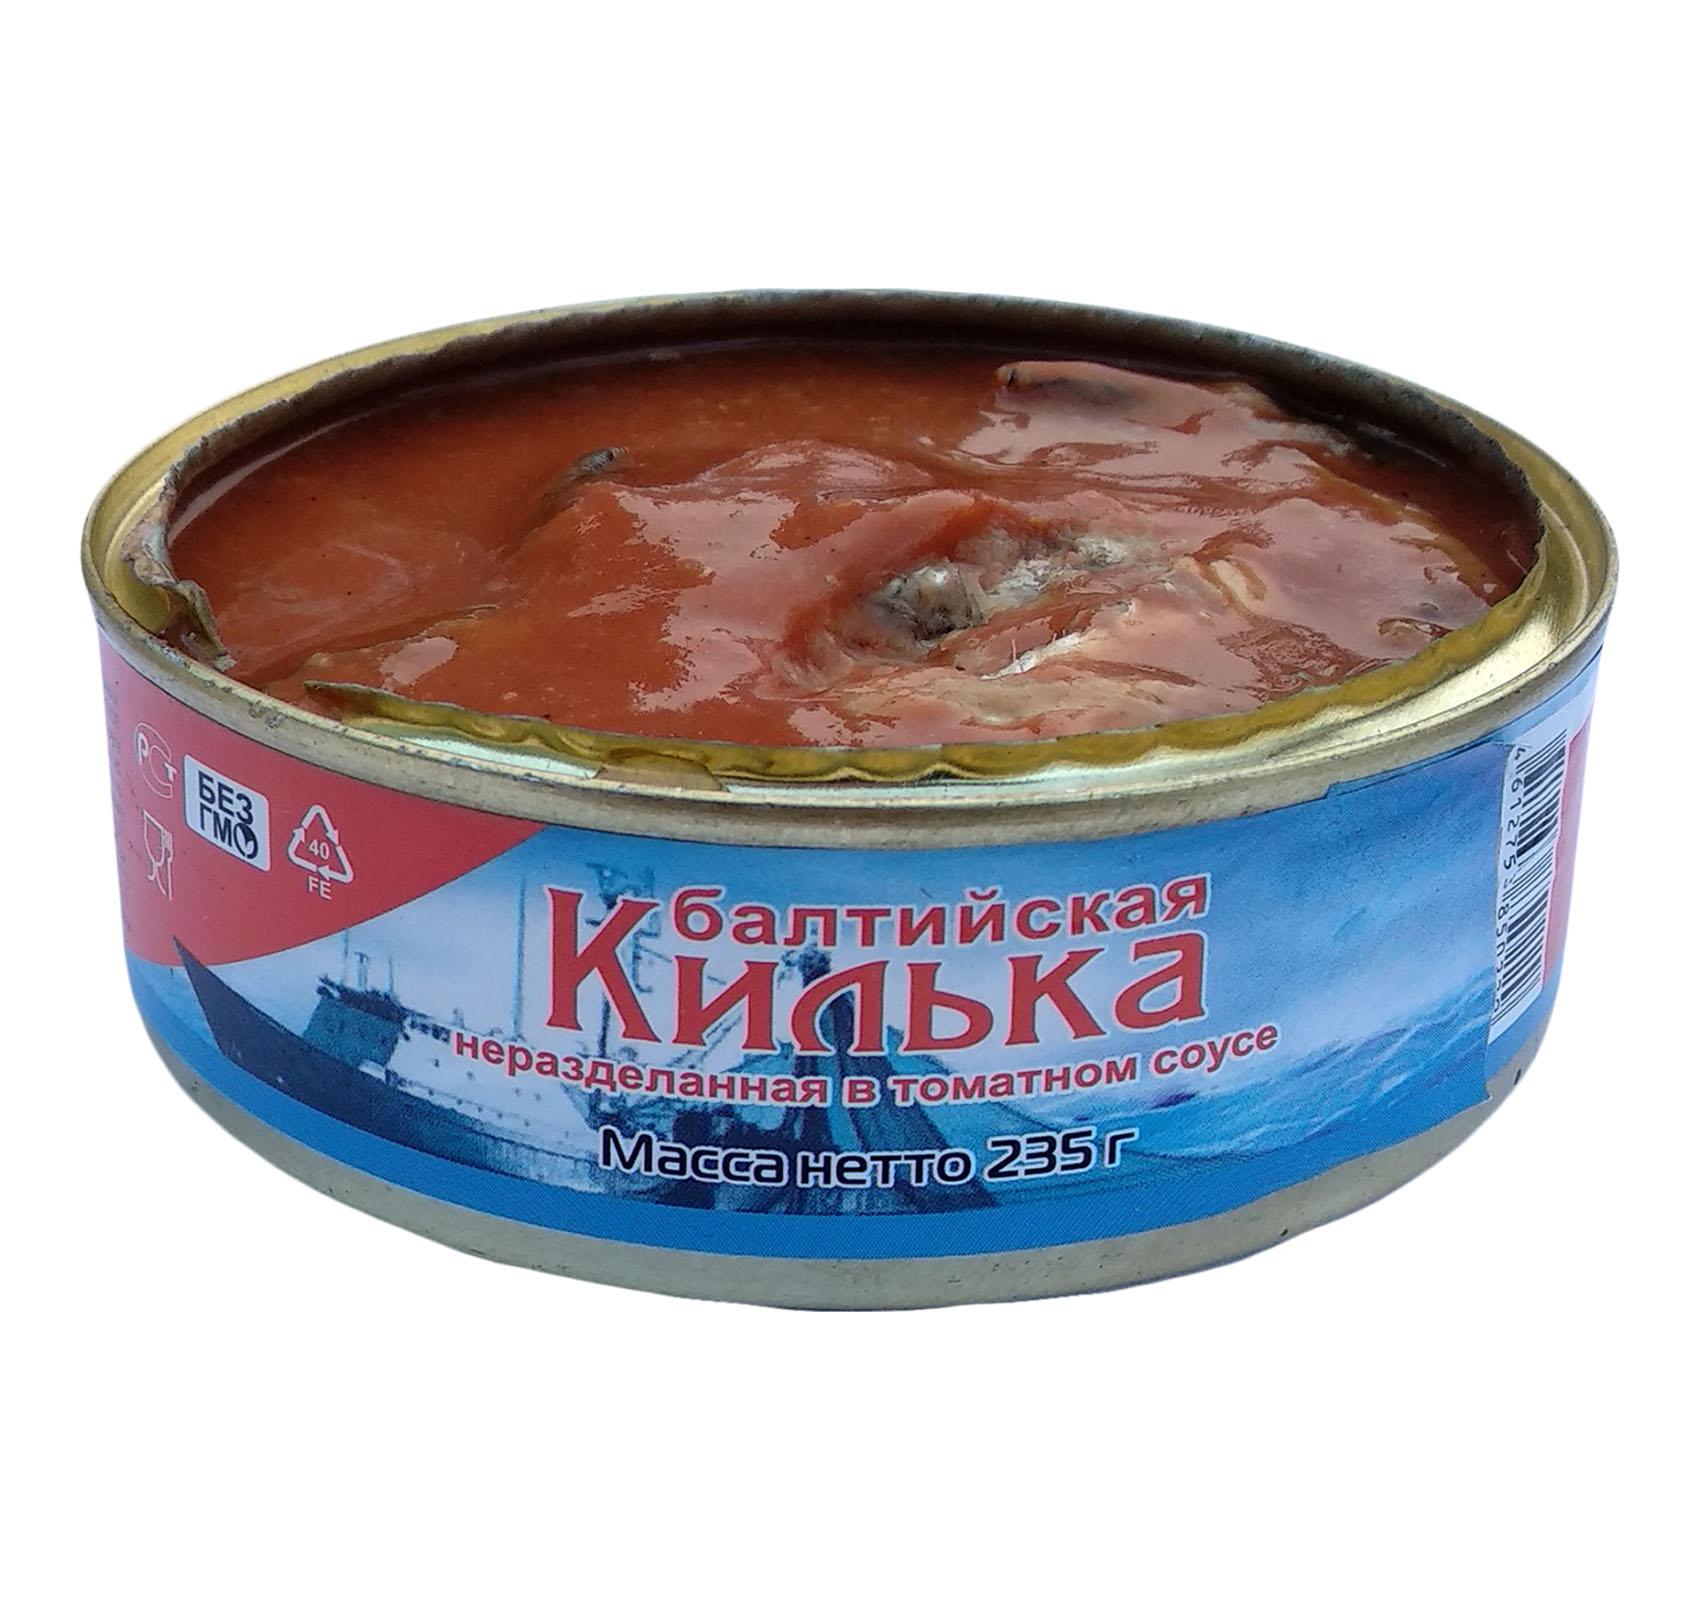 Картинка кильки в томатном соусе